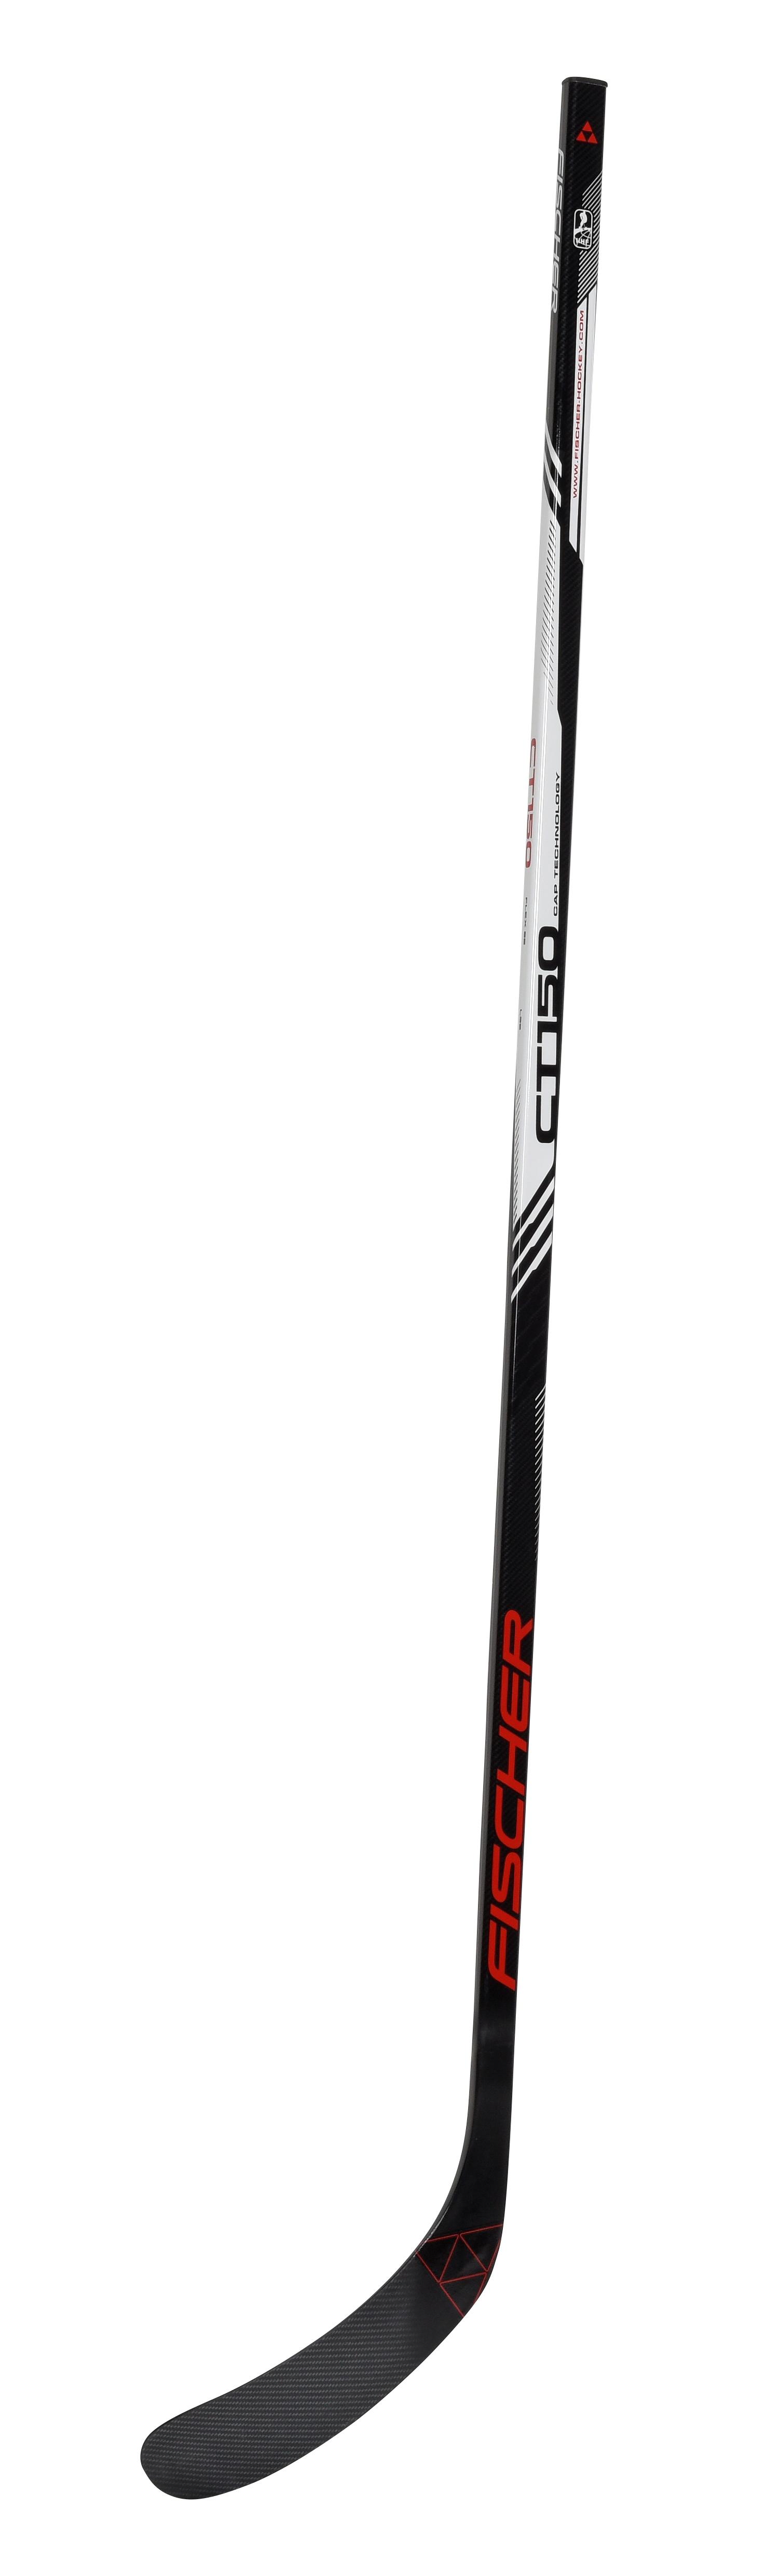 Hokejka FISCHER CT150 JR Grip